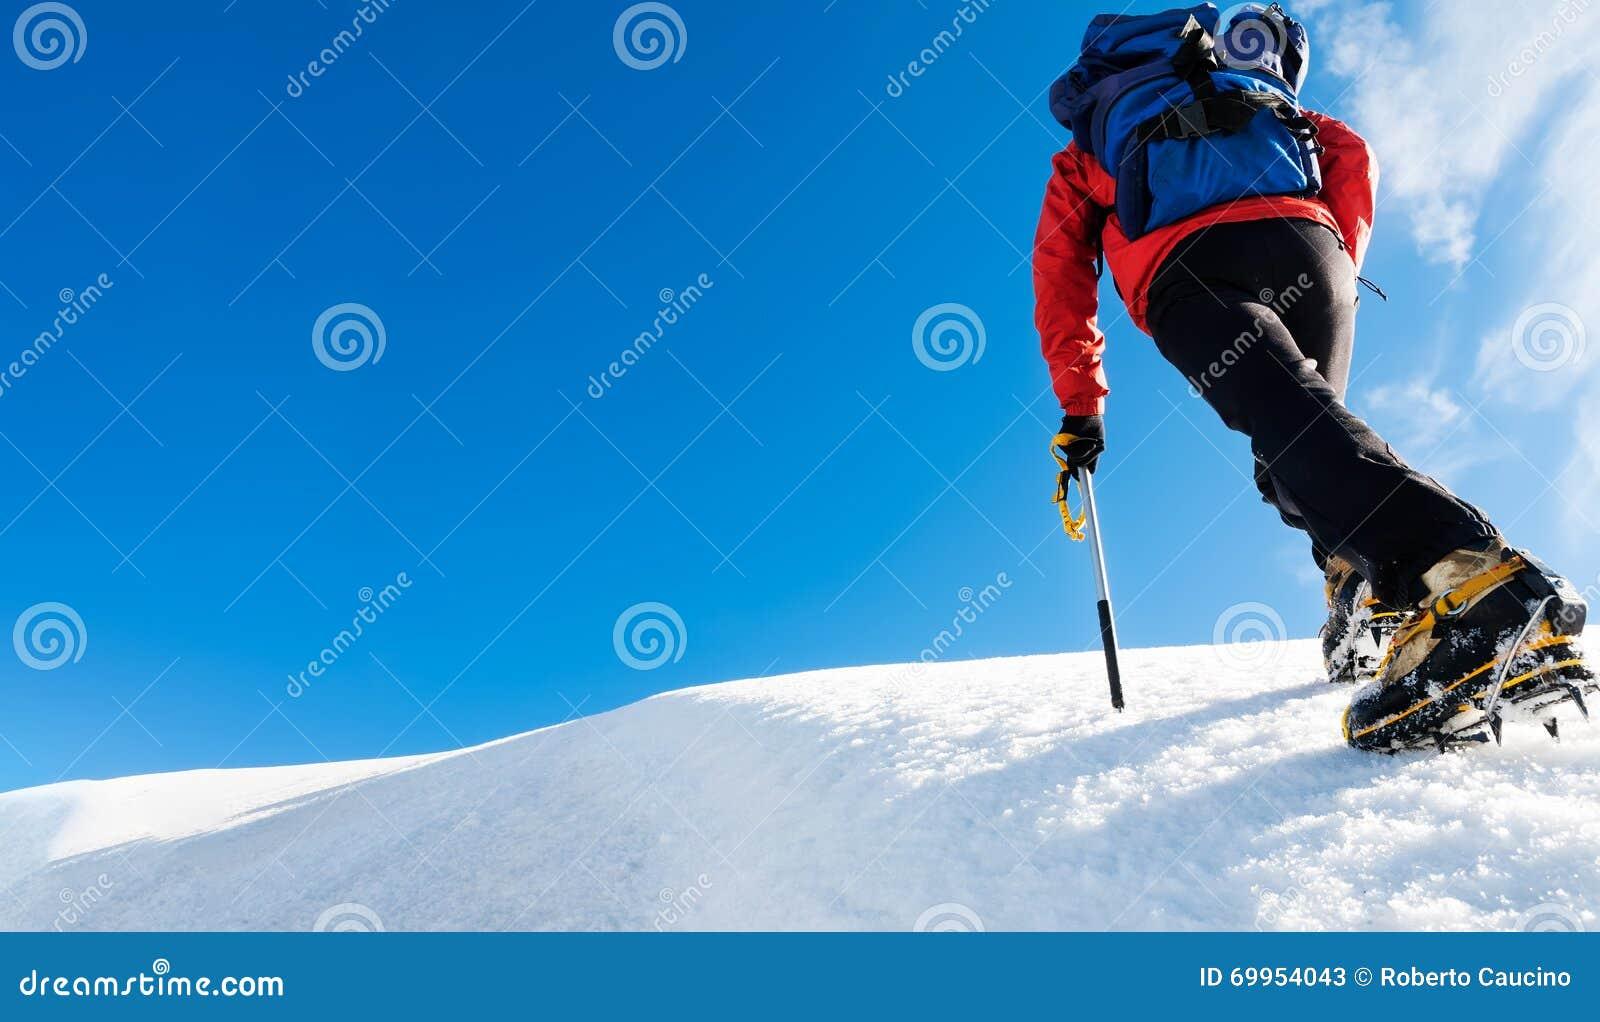 登山人到达一座多雪的山的上面 概念:勇气,成功,坚持不懈,努力,自我实现